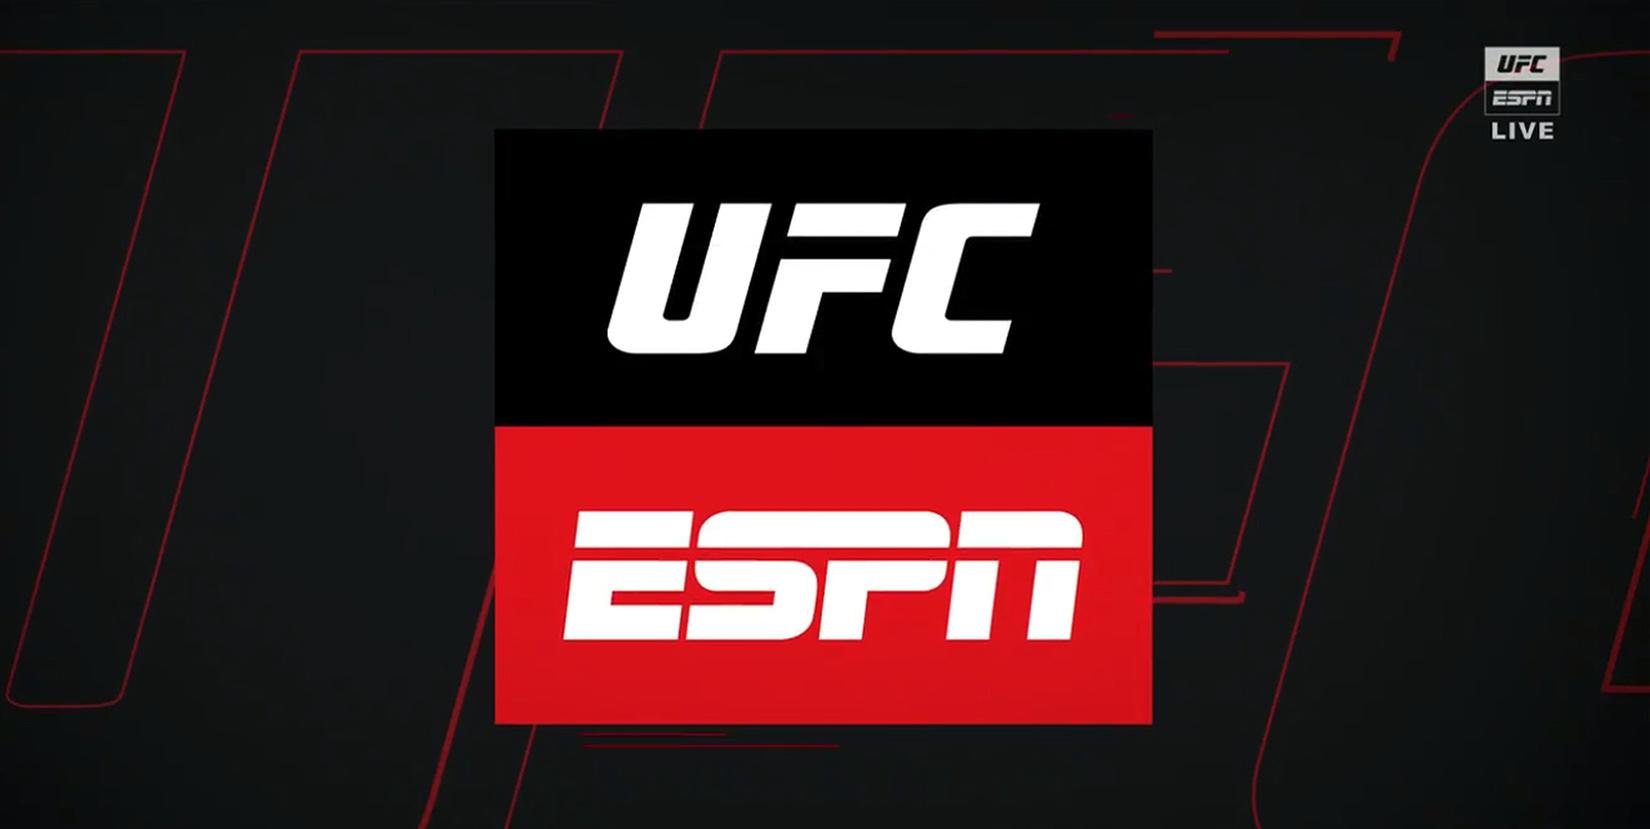 NCS_UFC-ESPN_0001